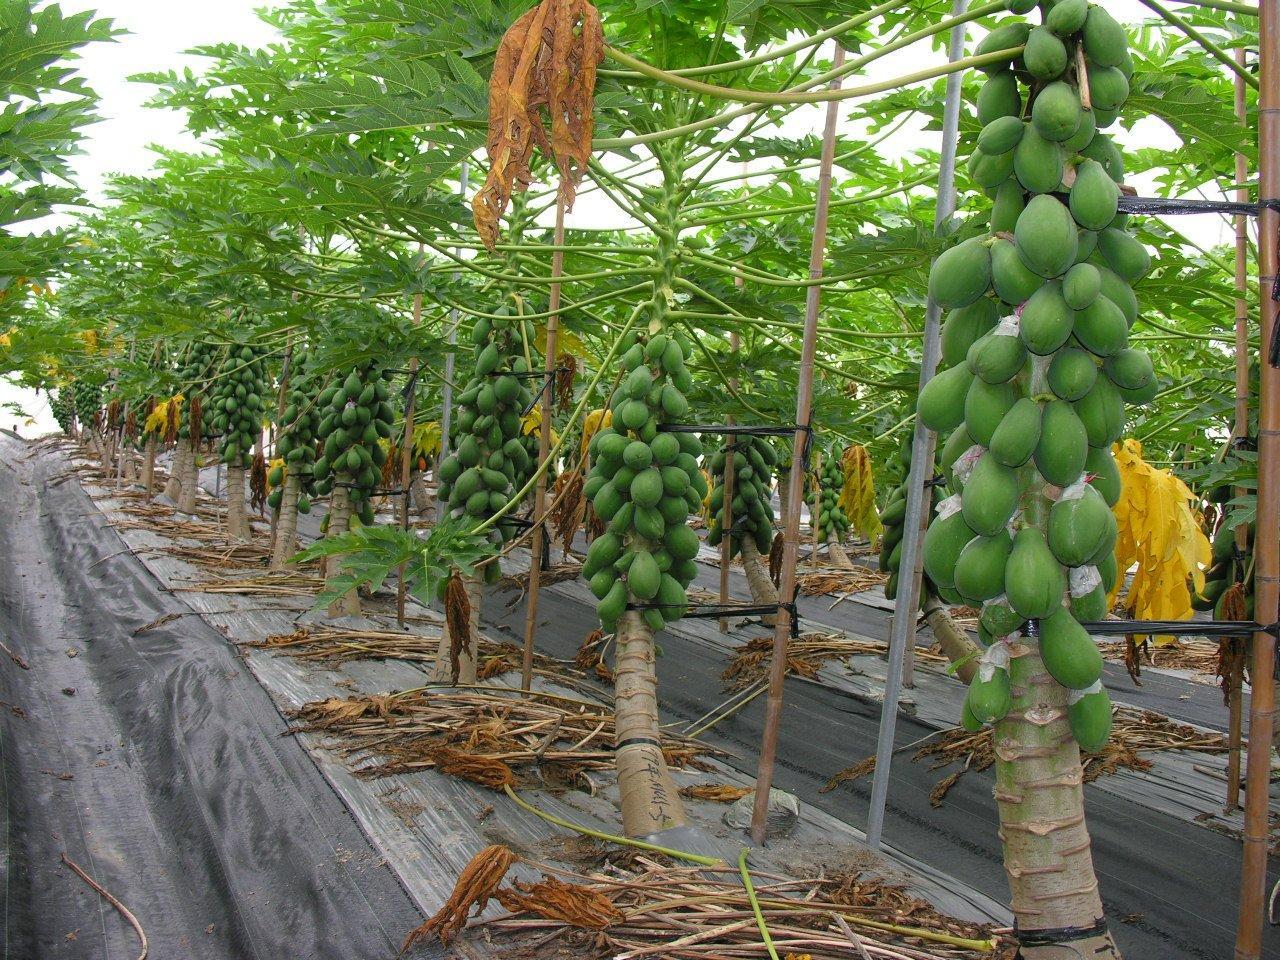 پاپایا خربزه درختی میوه ی گرمسیری پاپایا(خربزه درختی) گنجی پنهان میوه ی گرمسیری پاپایا(خربزه درختی) گنجی پنهان papaya 2001